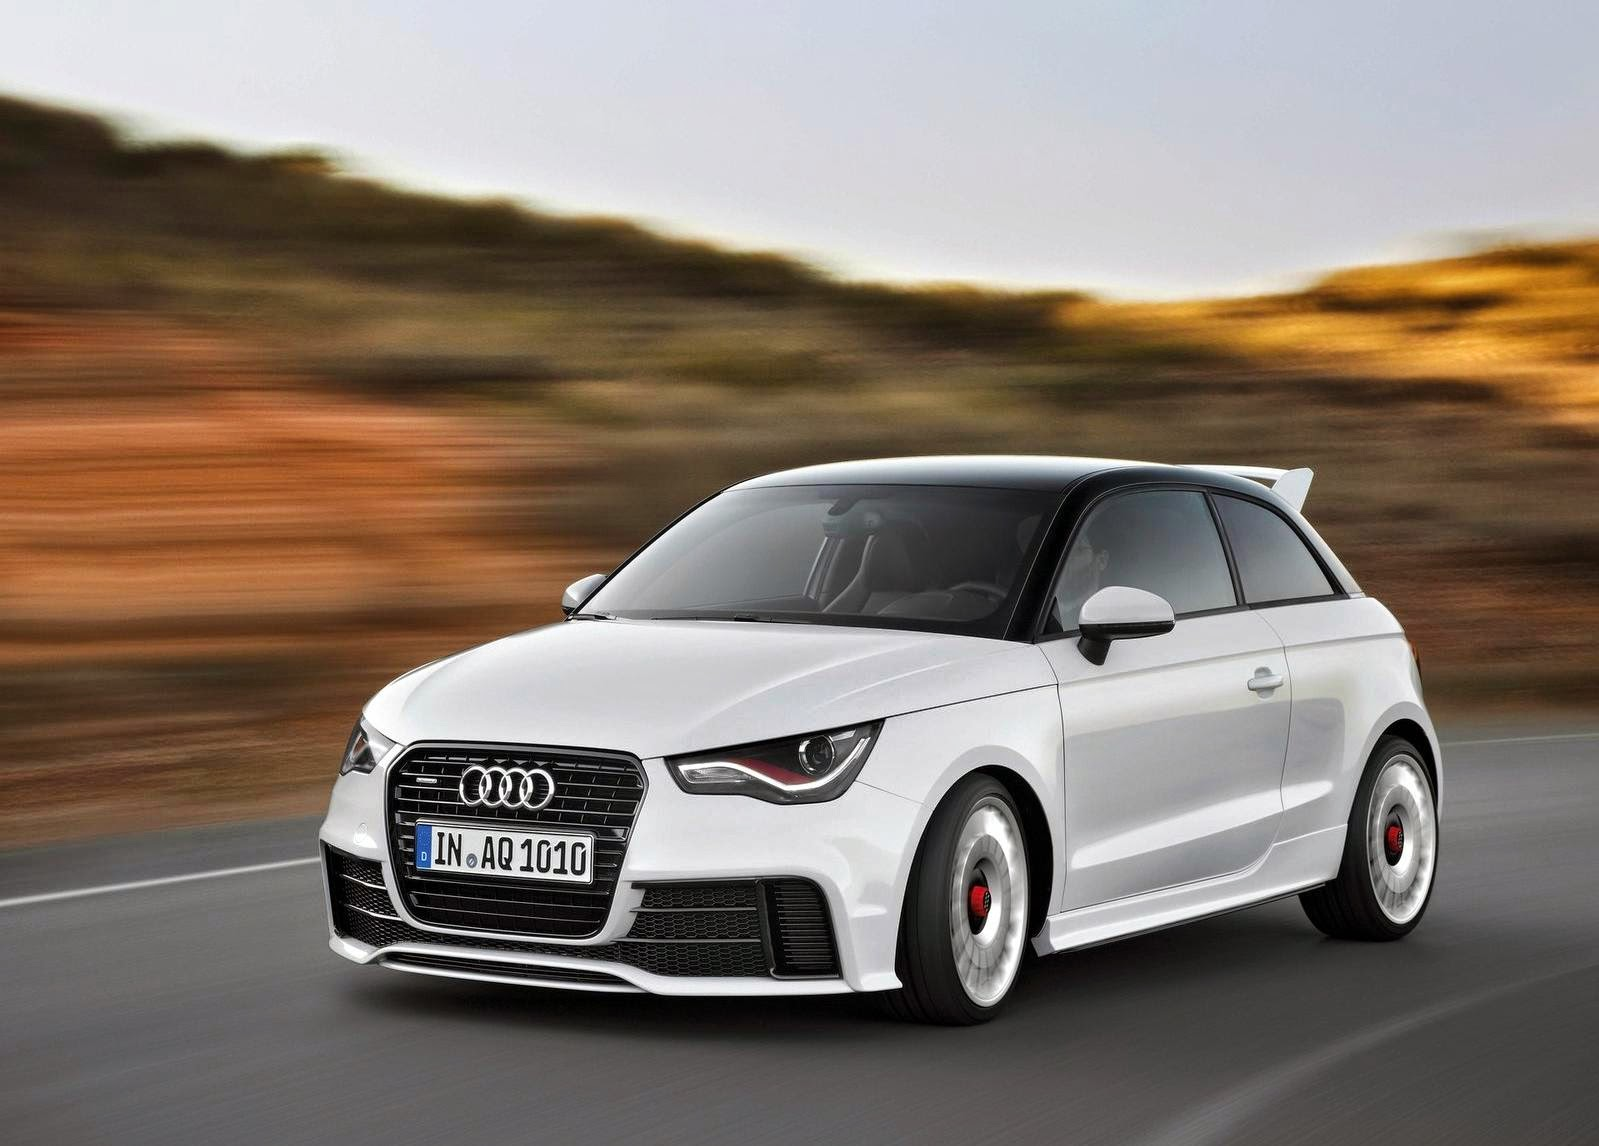 Audi A1 quattro 2013 Widescreen HD Wallpaper